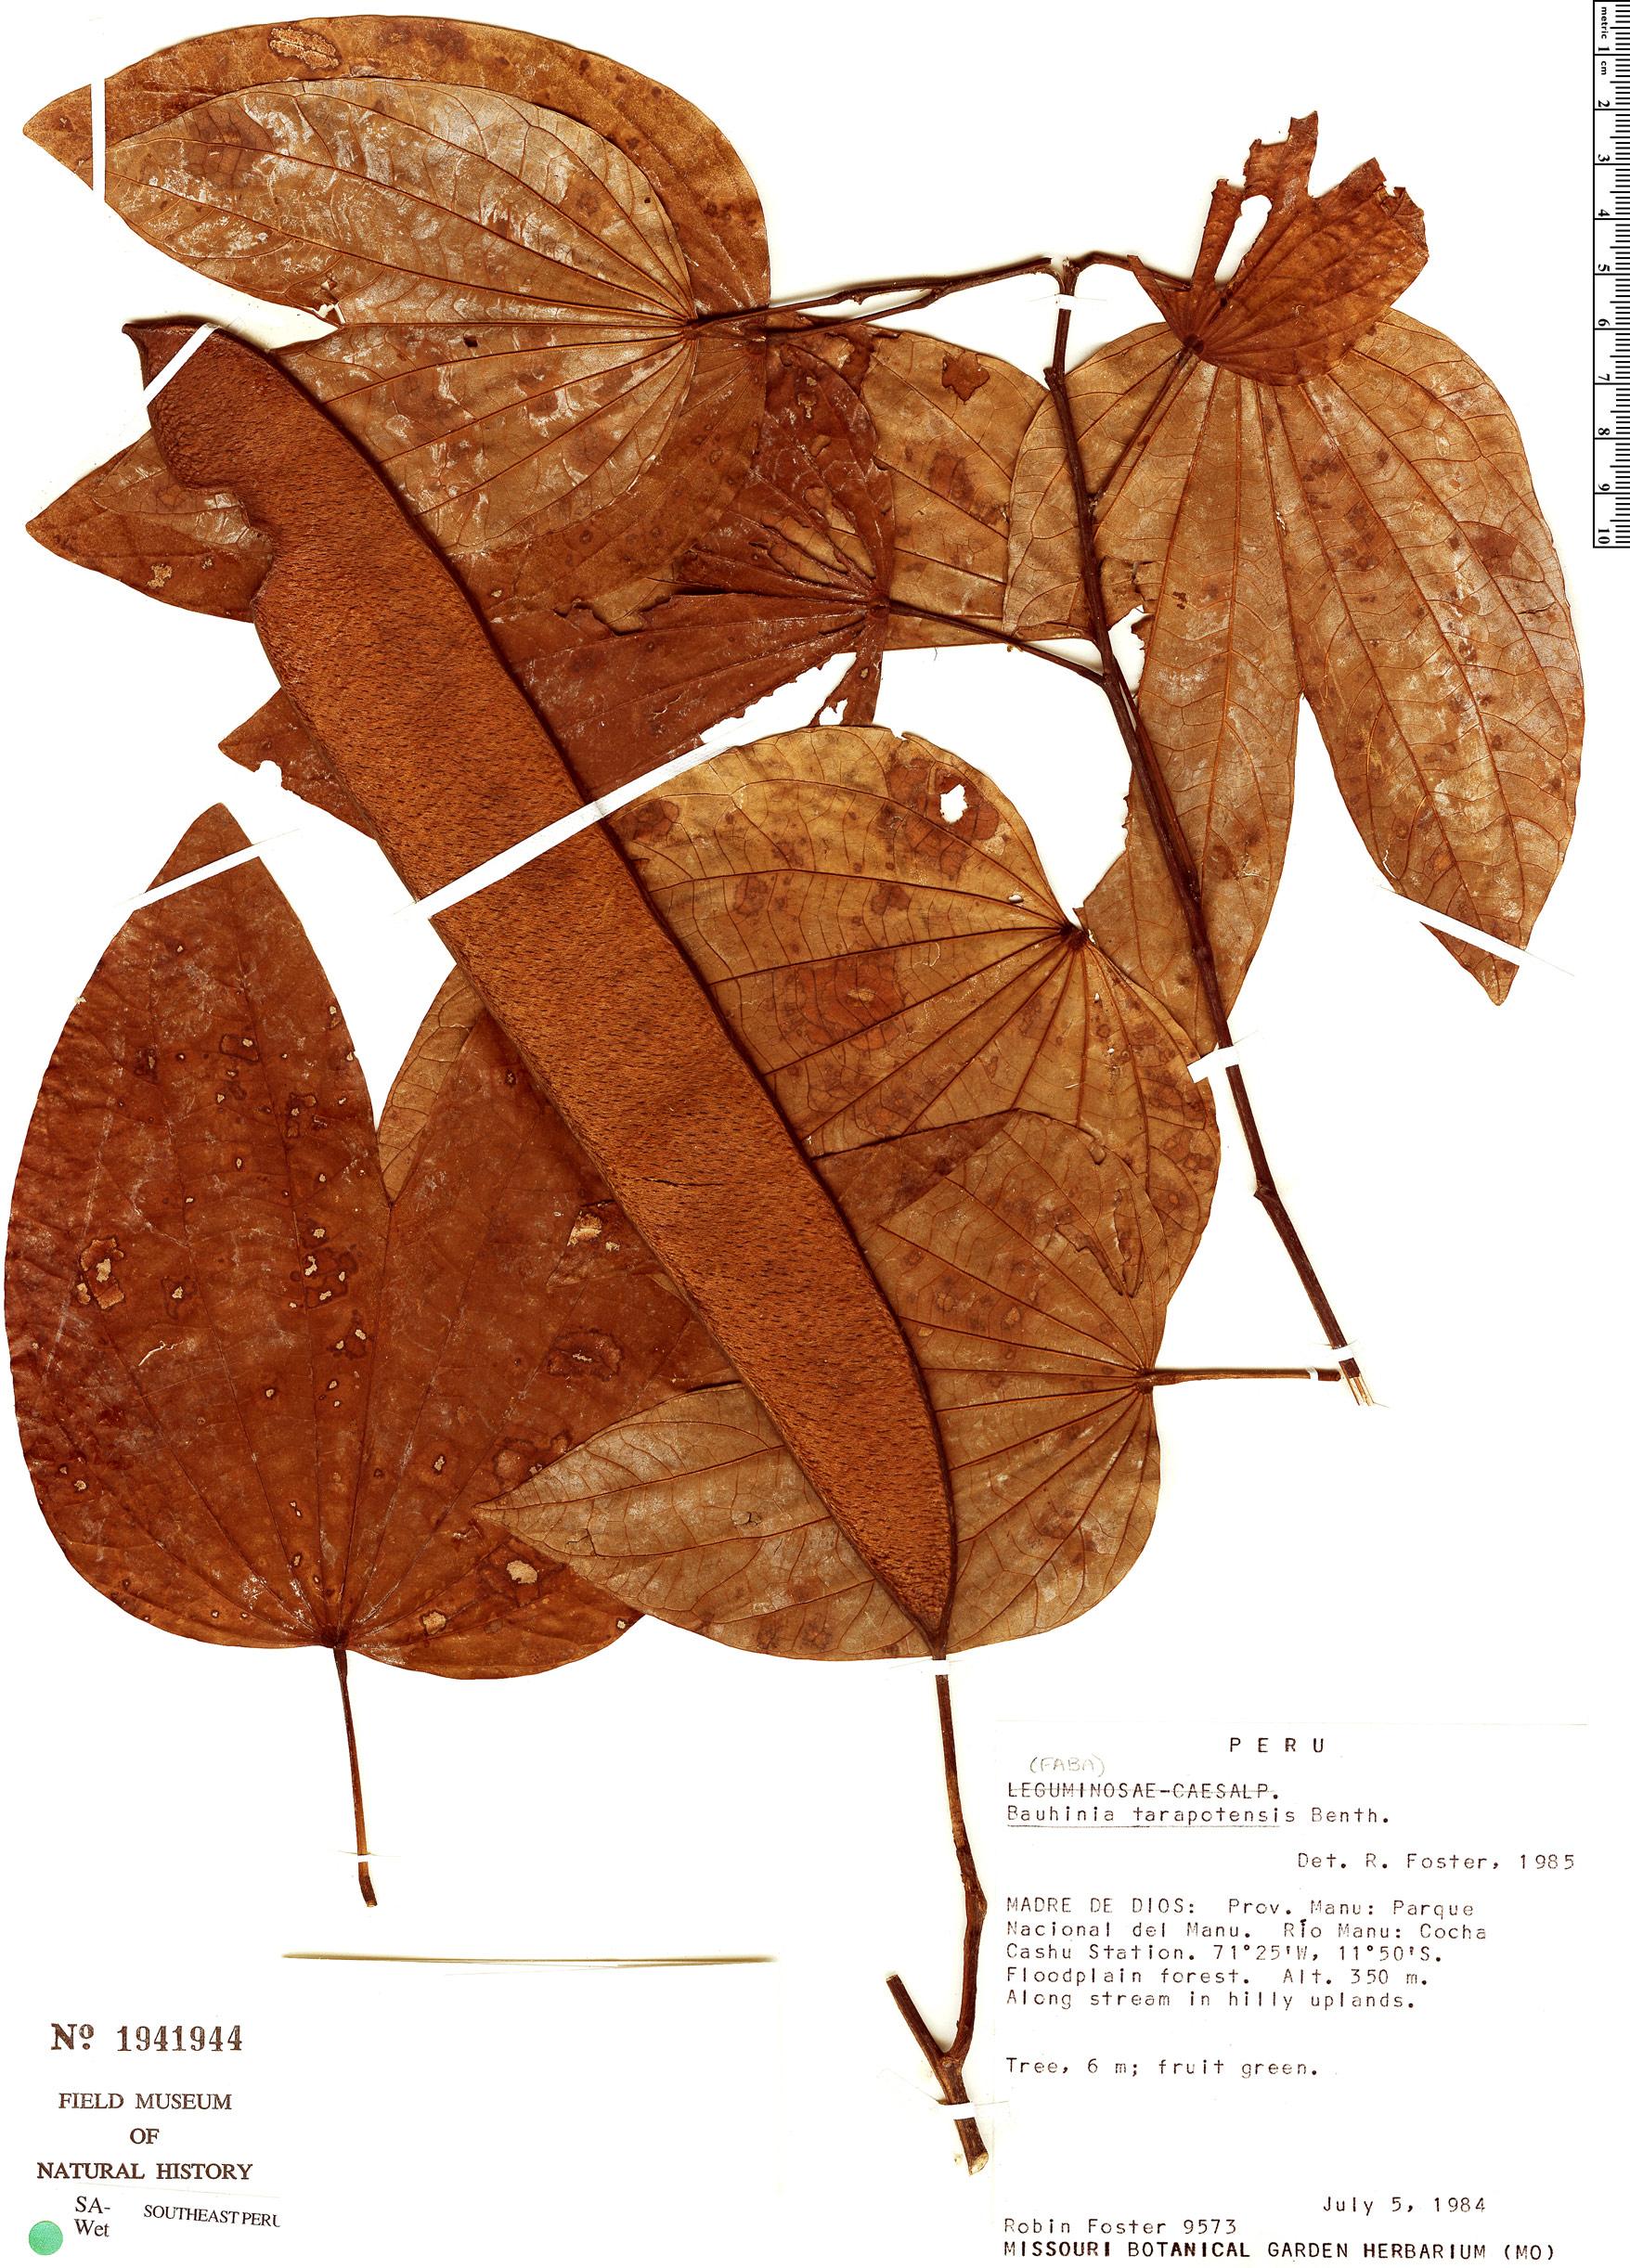 Specimen: Bauhinia tarapotensis